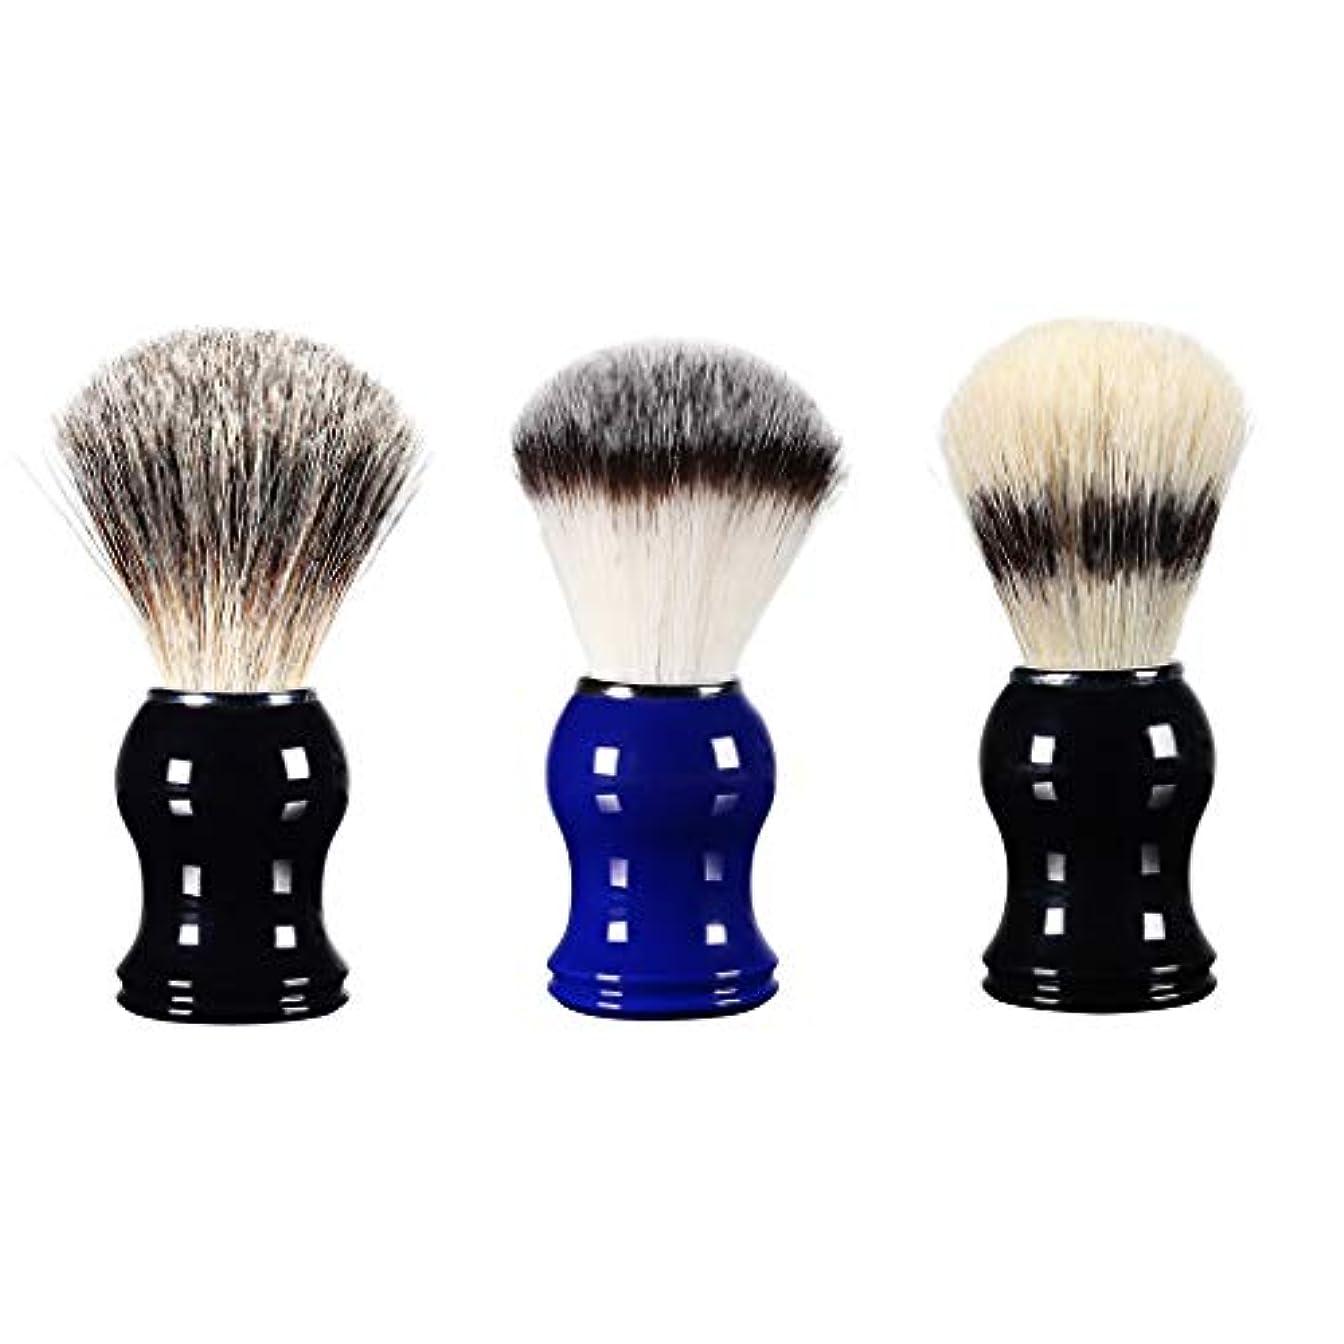 ラメやりすぎ多様性dailymall 3 Xプロのひげ剃りブラシ男性化粧品グルーミングツール樹脂ハンドル